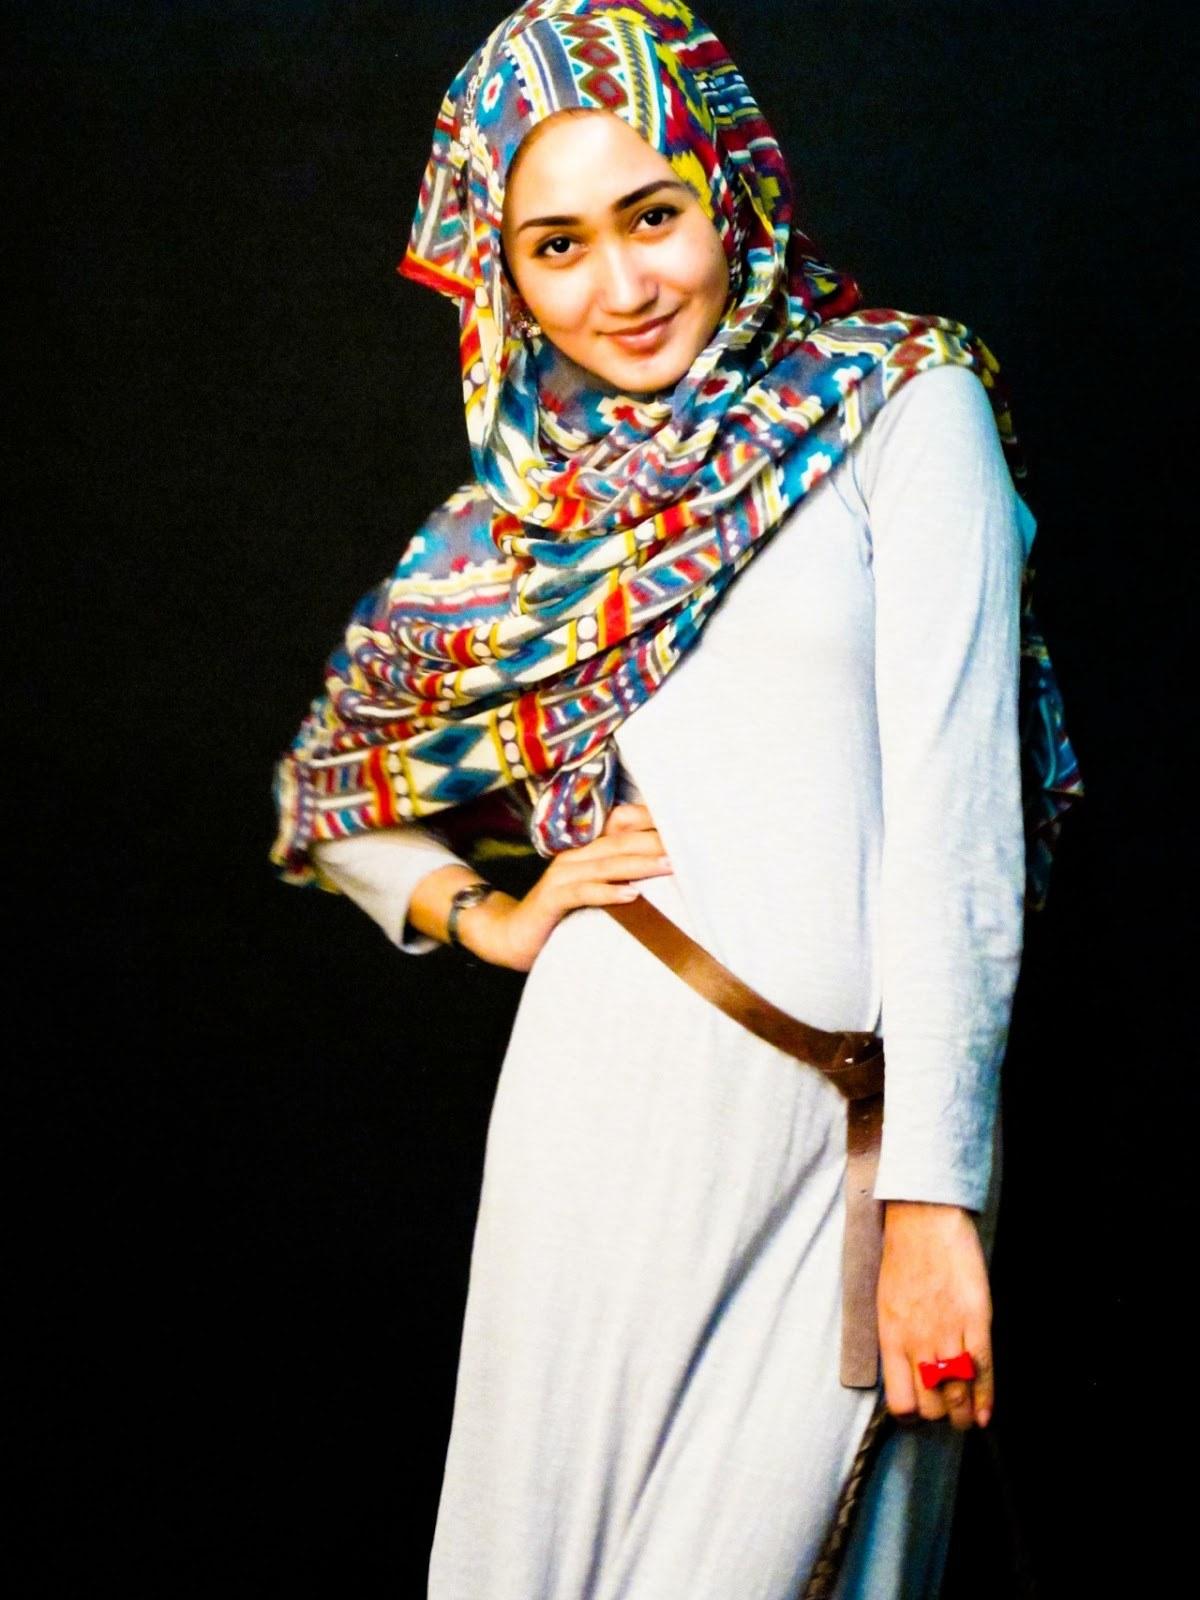 Ide Baju Lebaran Dian Pelangi 9fdy 15 Contoh Model Baju Muslim Dian Pelangi Terbaru 2015